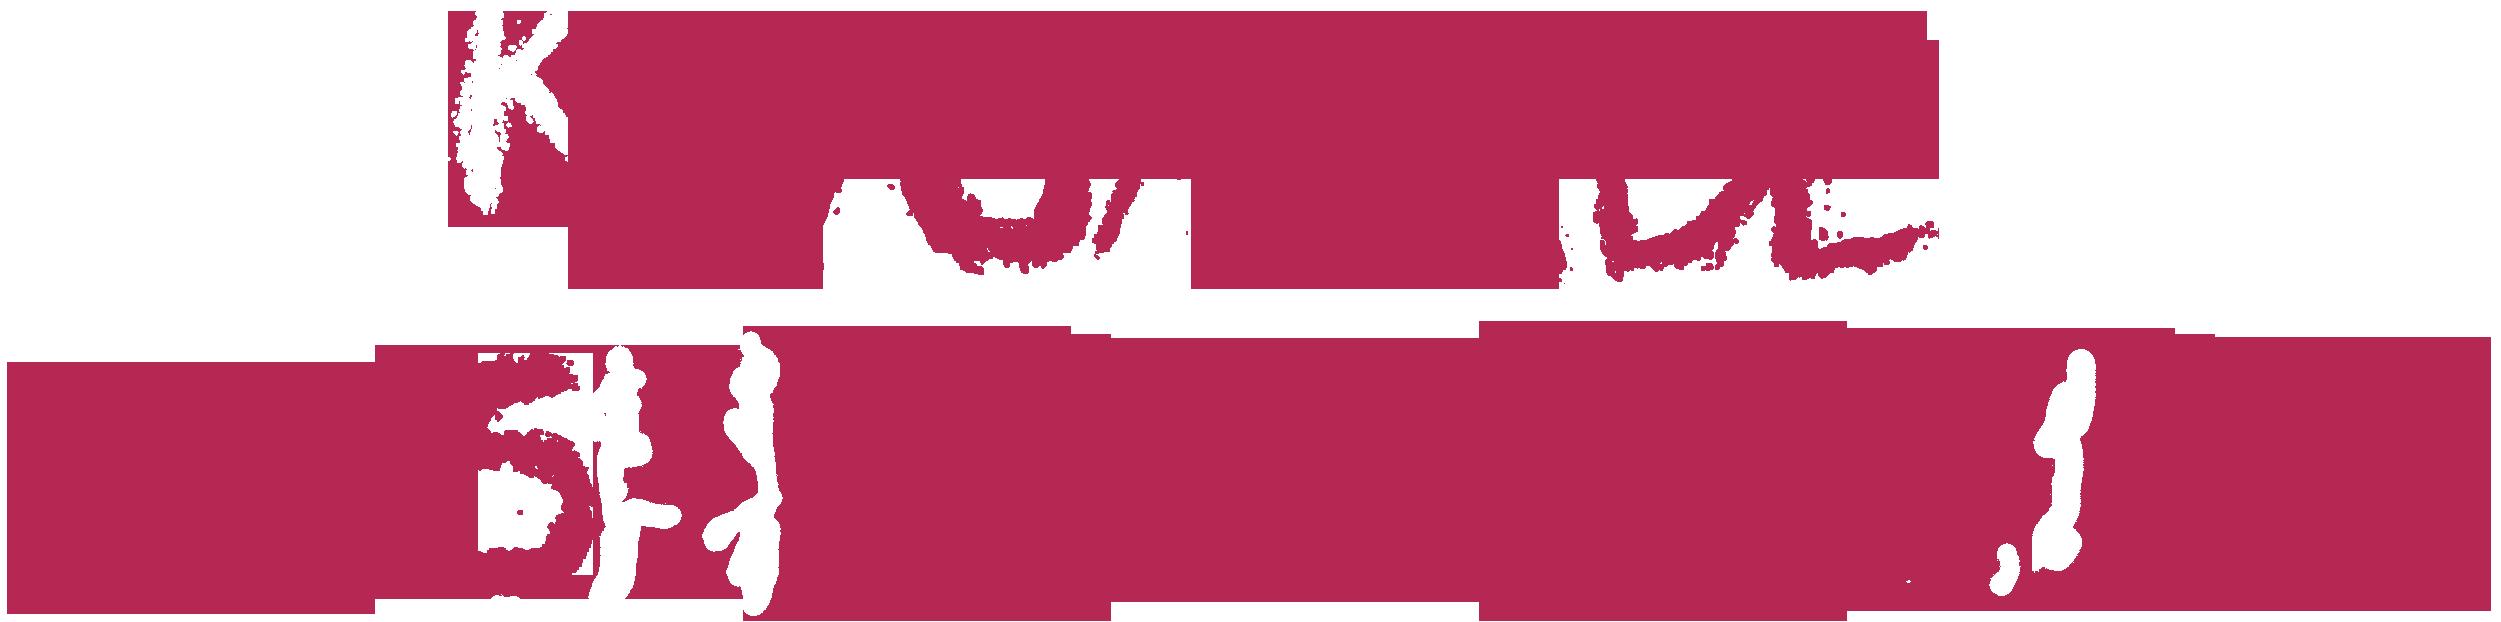 SOS-Brigade.de / Kyoani.de